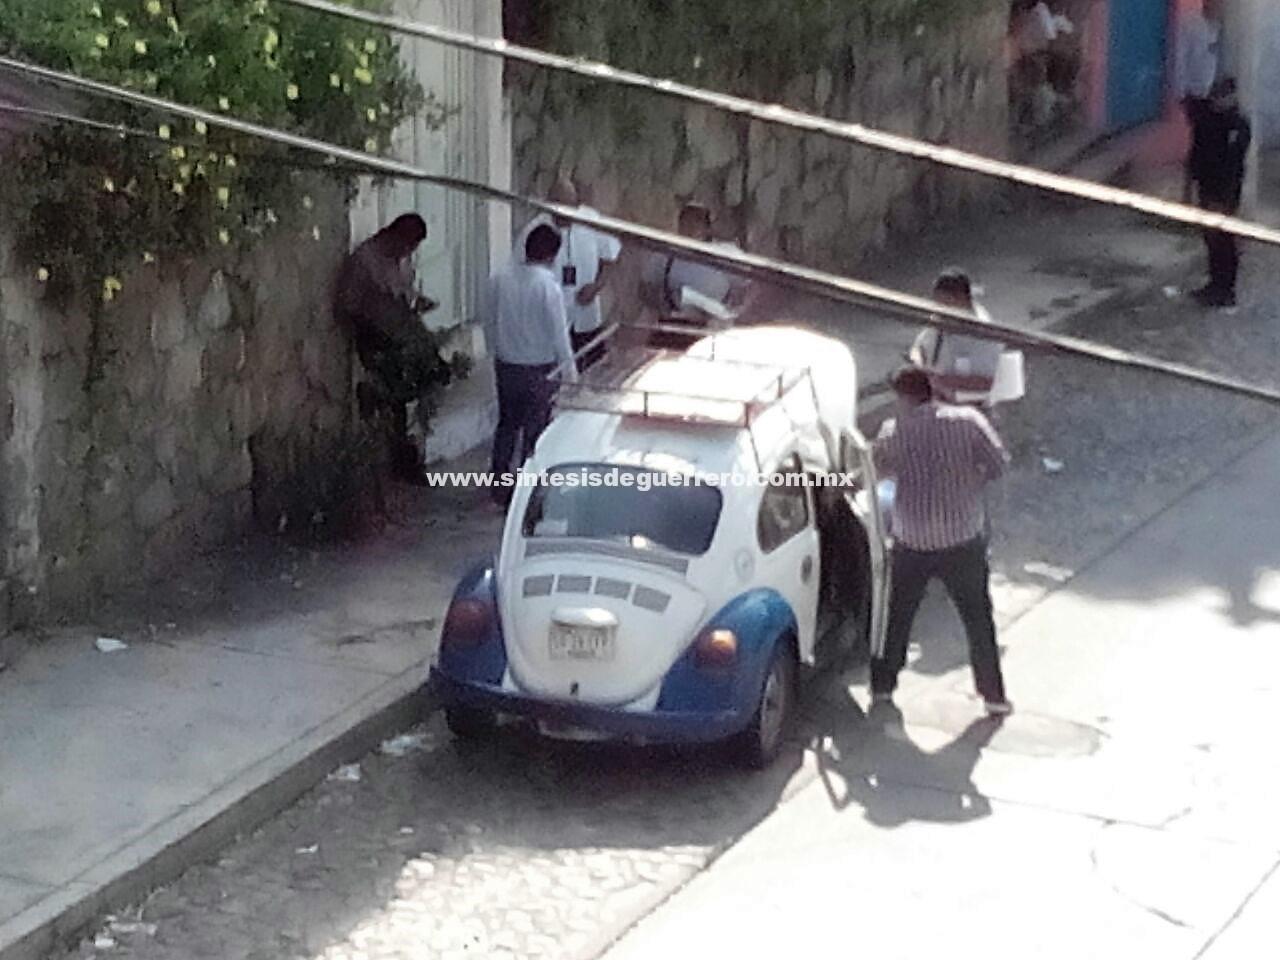 Ejecutan a taxista en La Garita, Acapulco